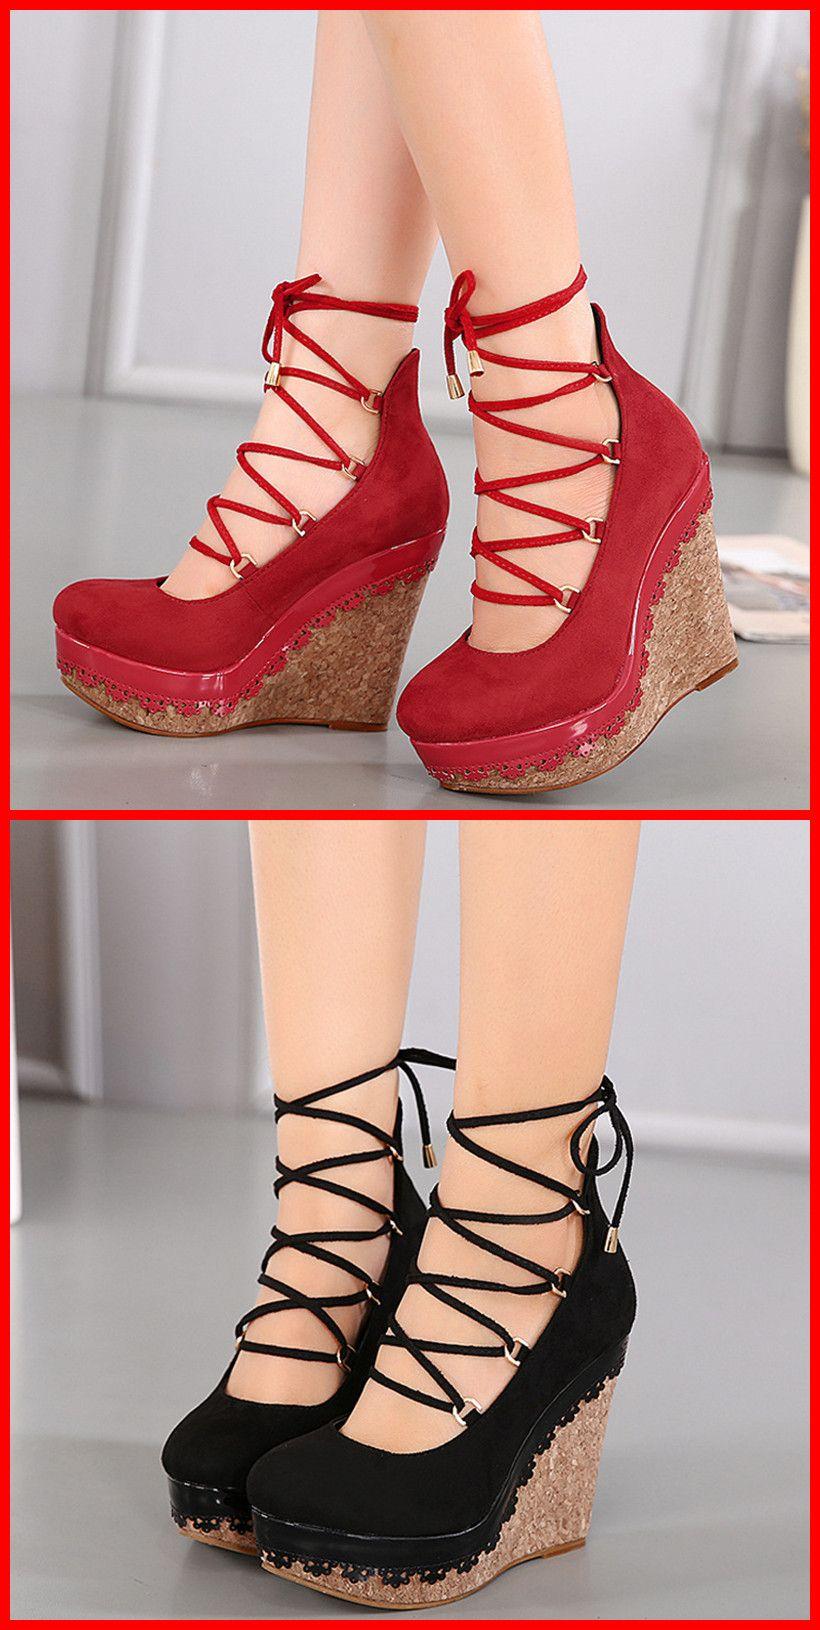 Red Black Lace Platform Wedges